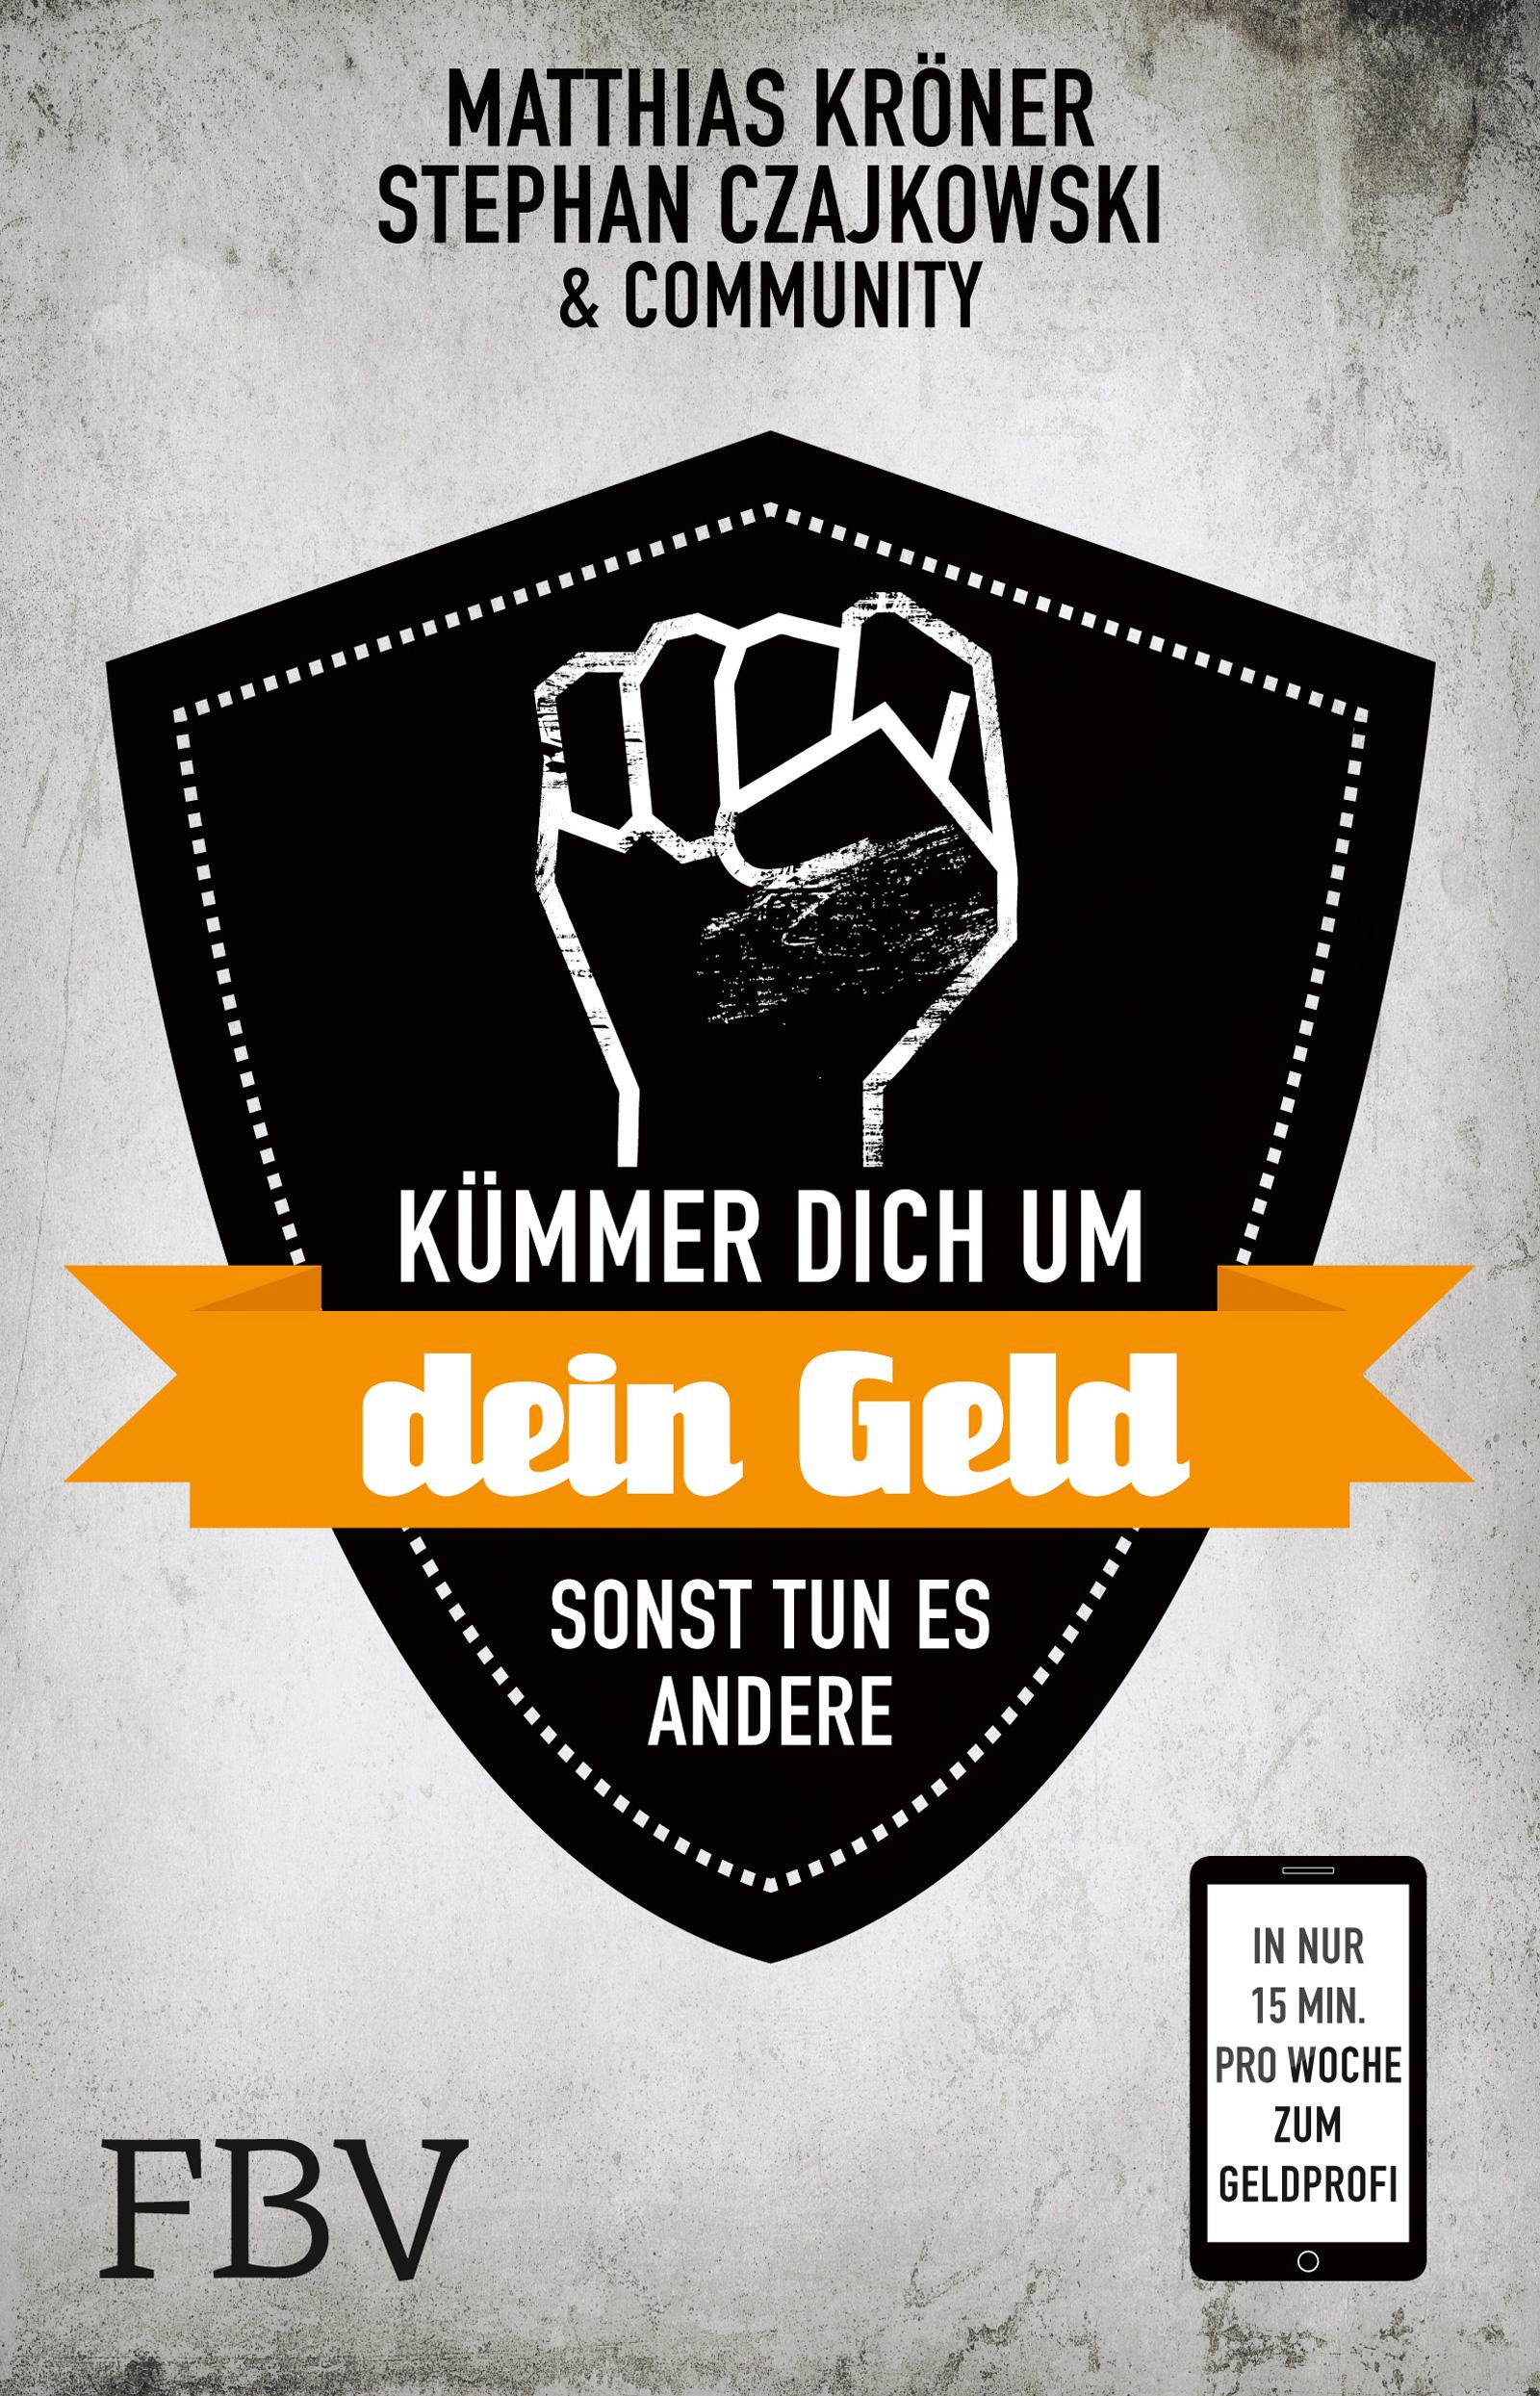 Kümmer Dich um Dein Geld, sonst tun es andere: In nur 15 Minuten pro Woche zum Geldprofi - Matthias Kröner